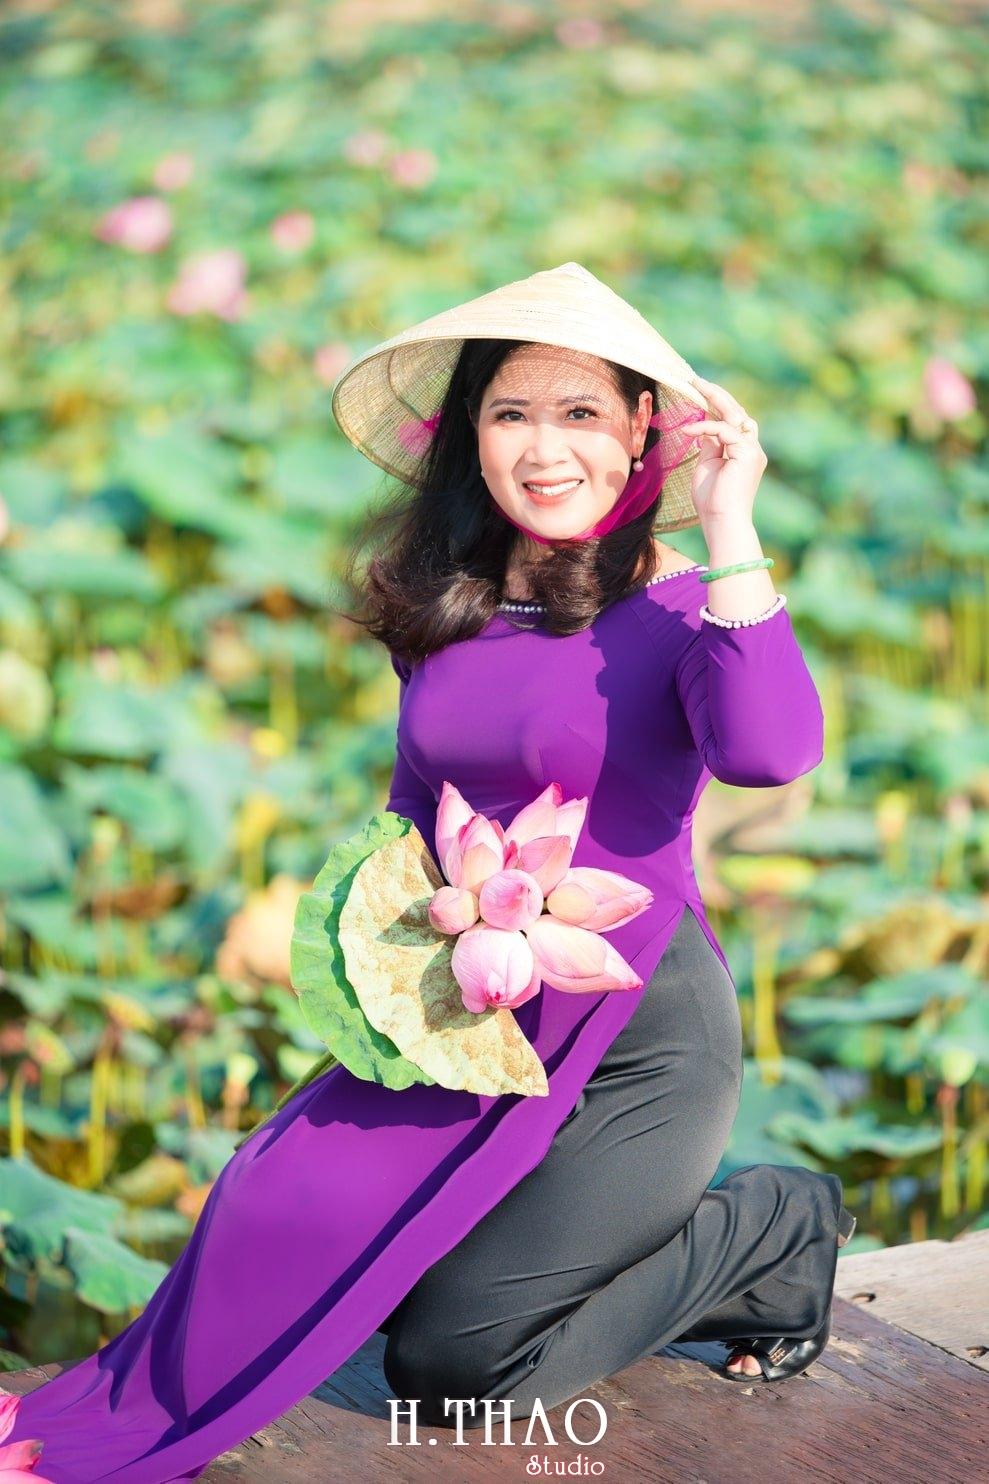 Anh Hoa sen tam da 26 - Bộ ảnh hoa sen với áo dài tím đẹp dễ thương - HThao Studio